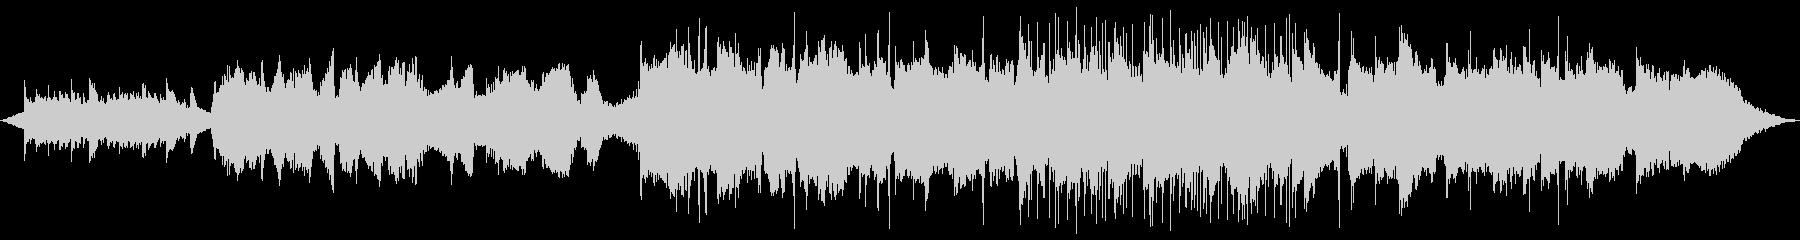 フルート&ギターの安らぎBGMの未再生の波形